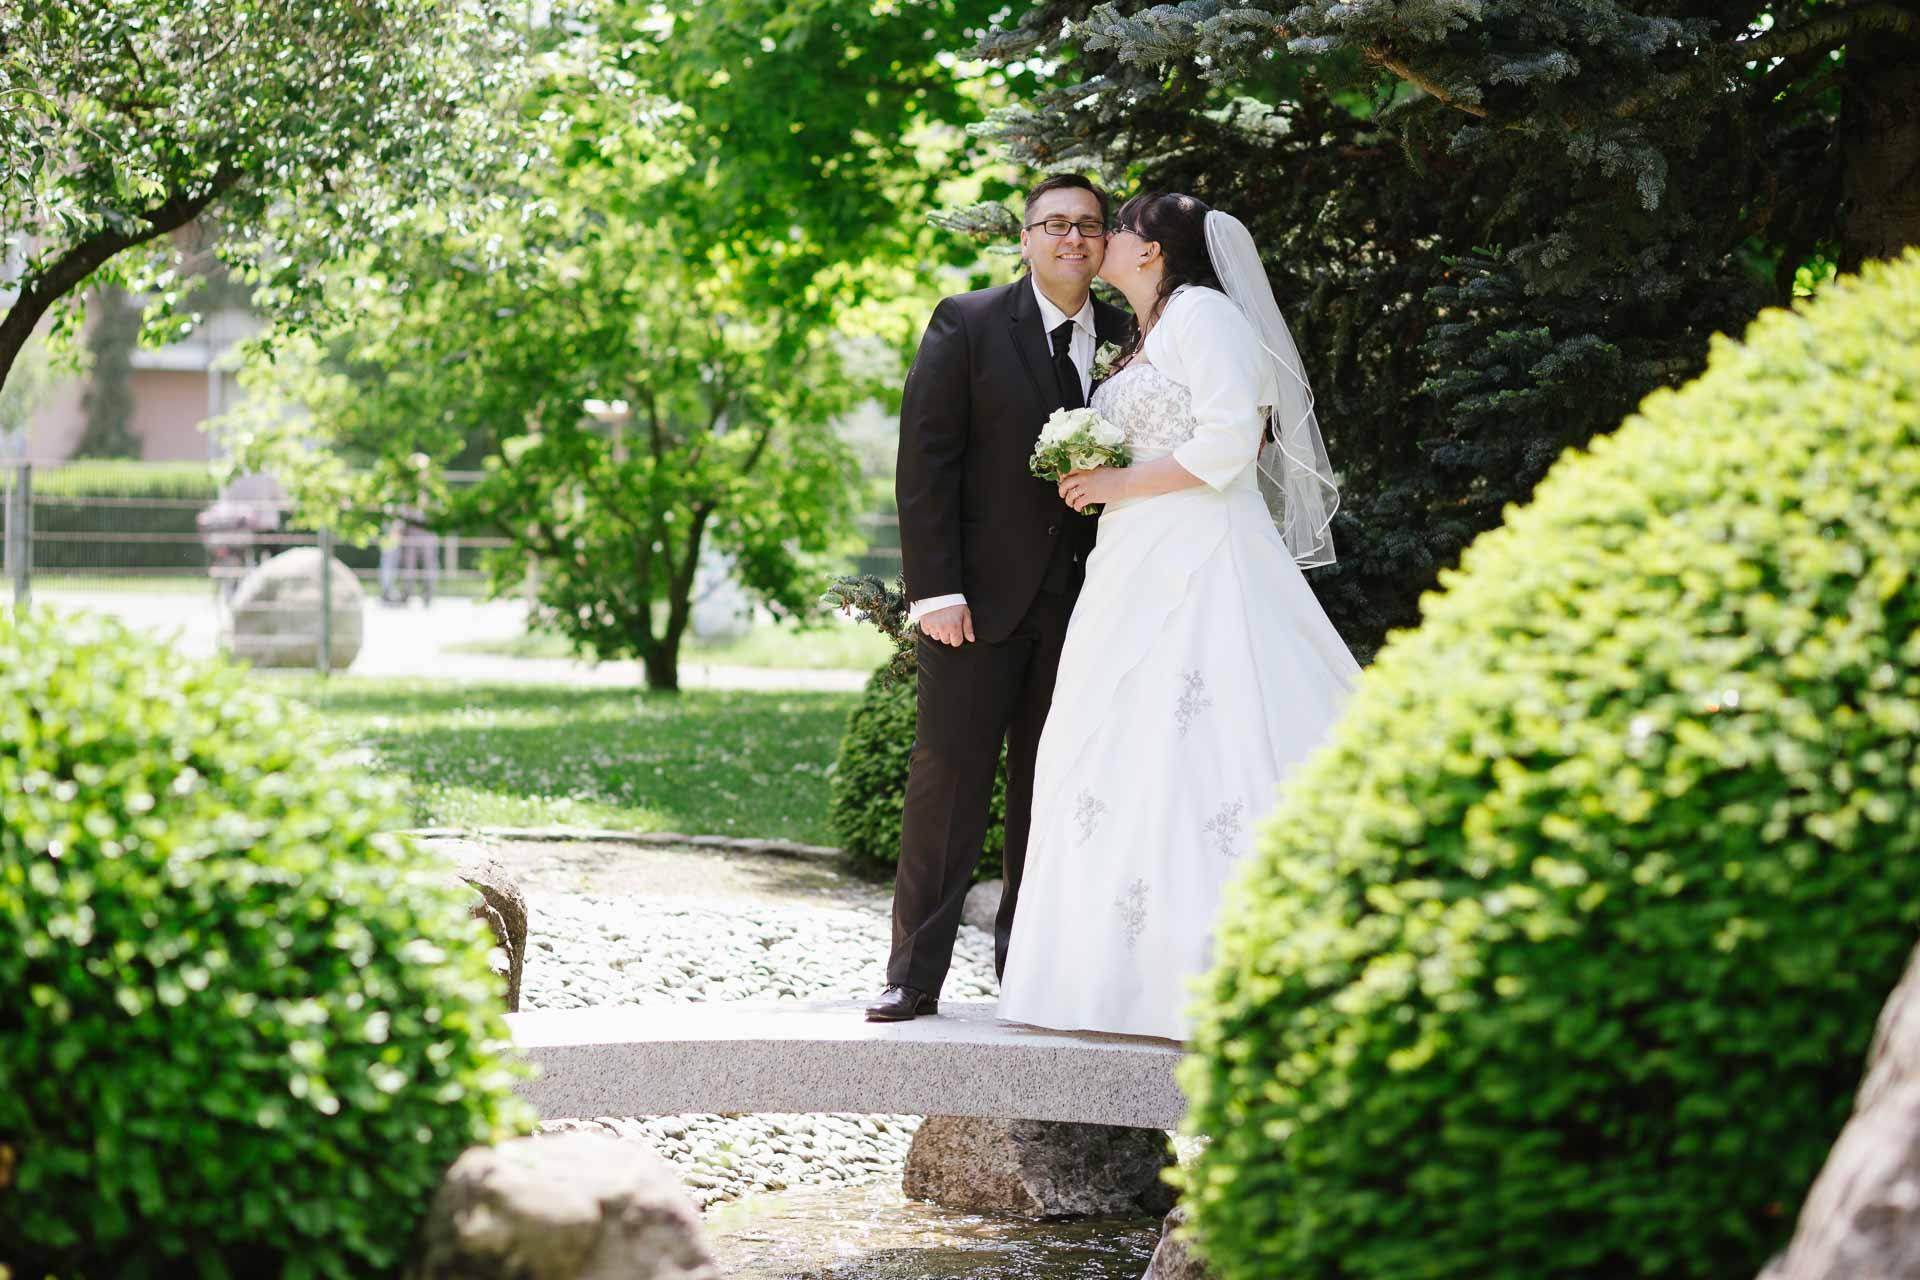 Brautpaarshooting auf kleiner Brücke